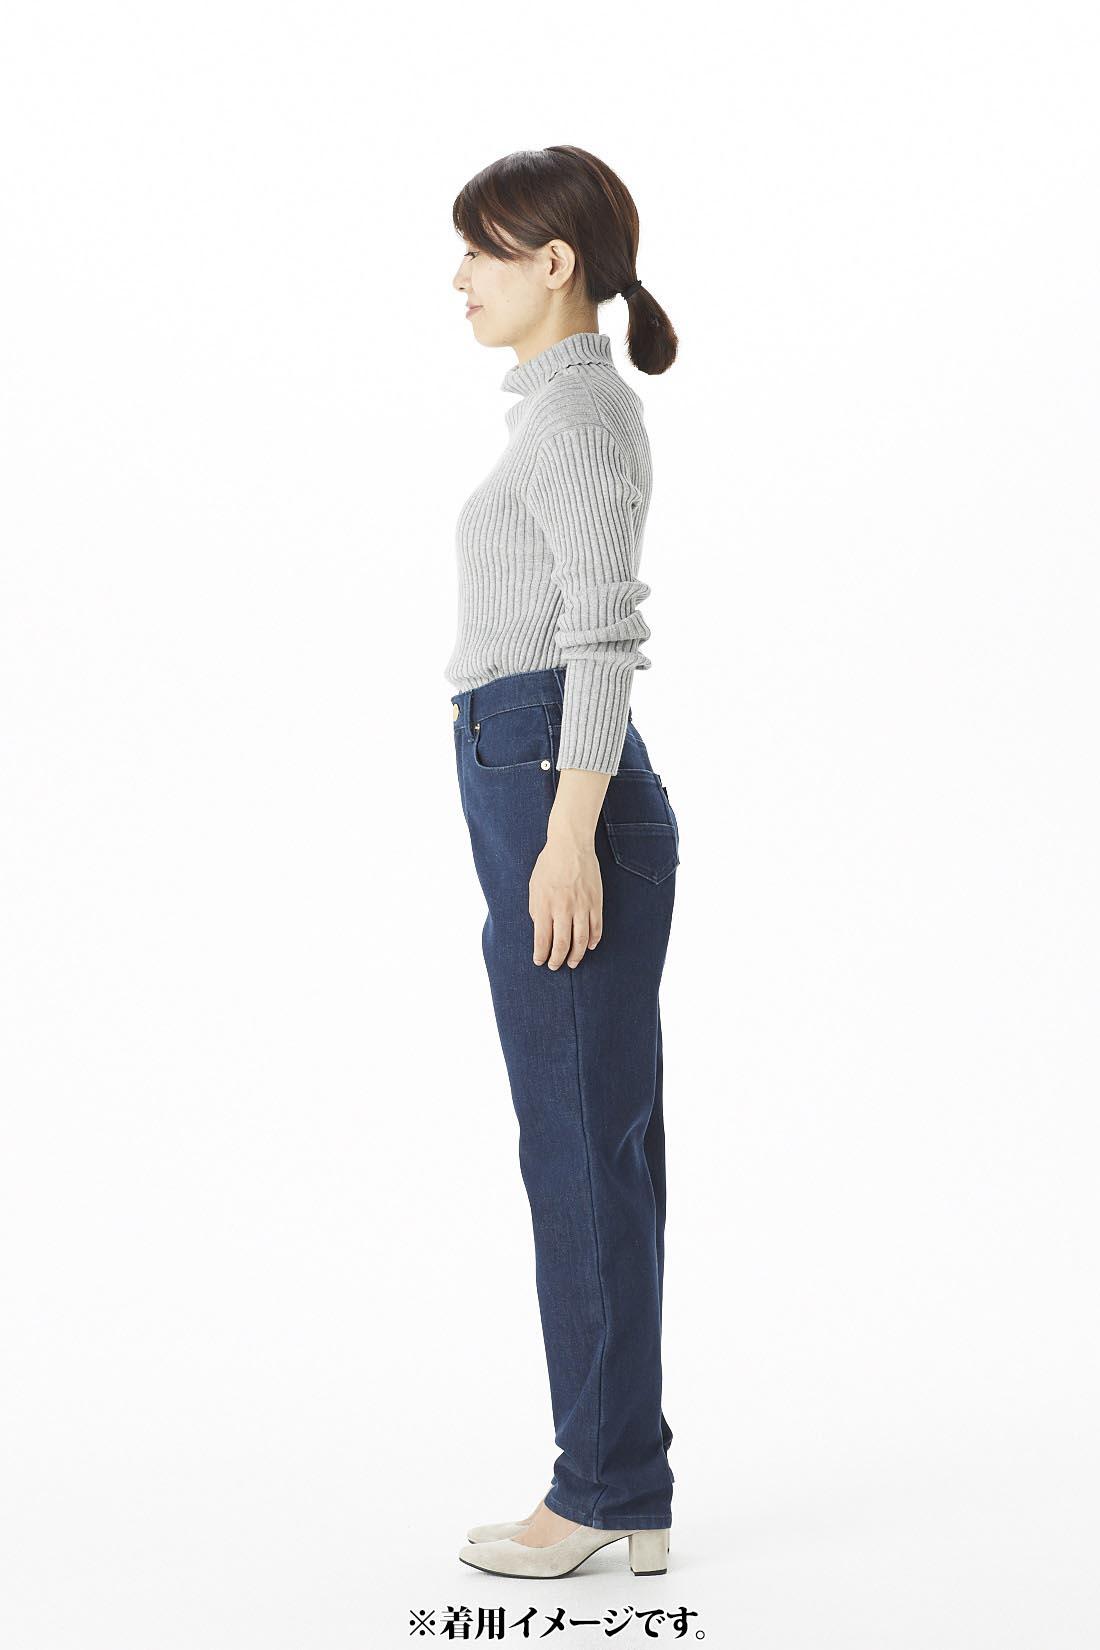 [スタッフ着用]身長158cm トップス:Mサイズ ボトムス:5(ウエスト61)サイズ着用